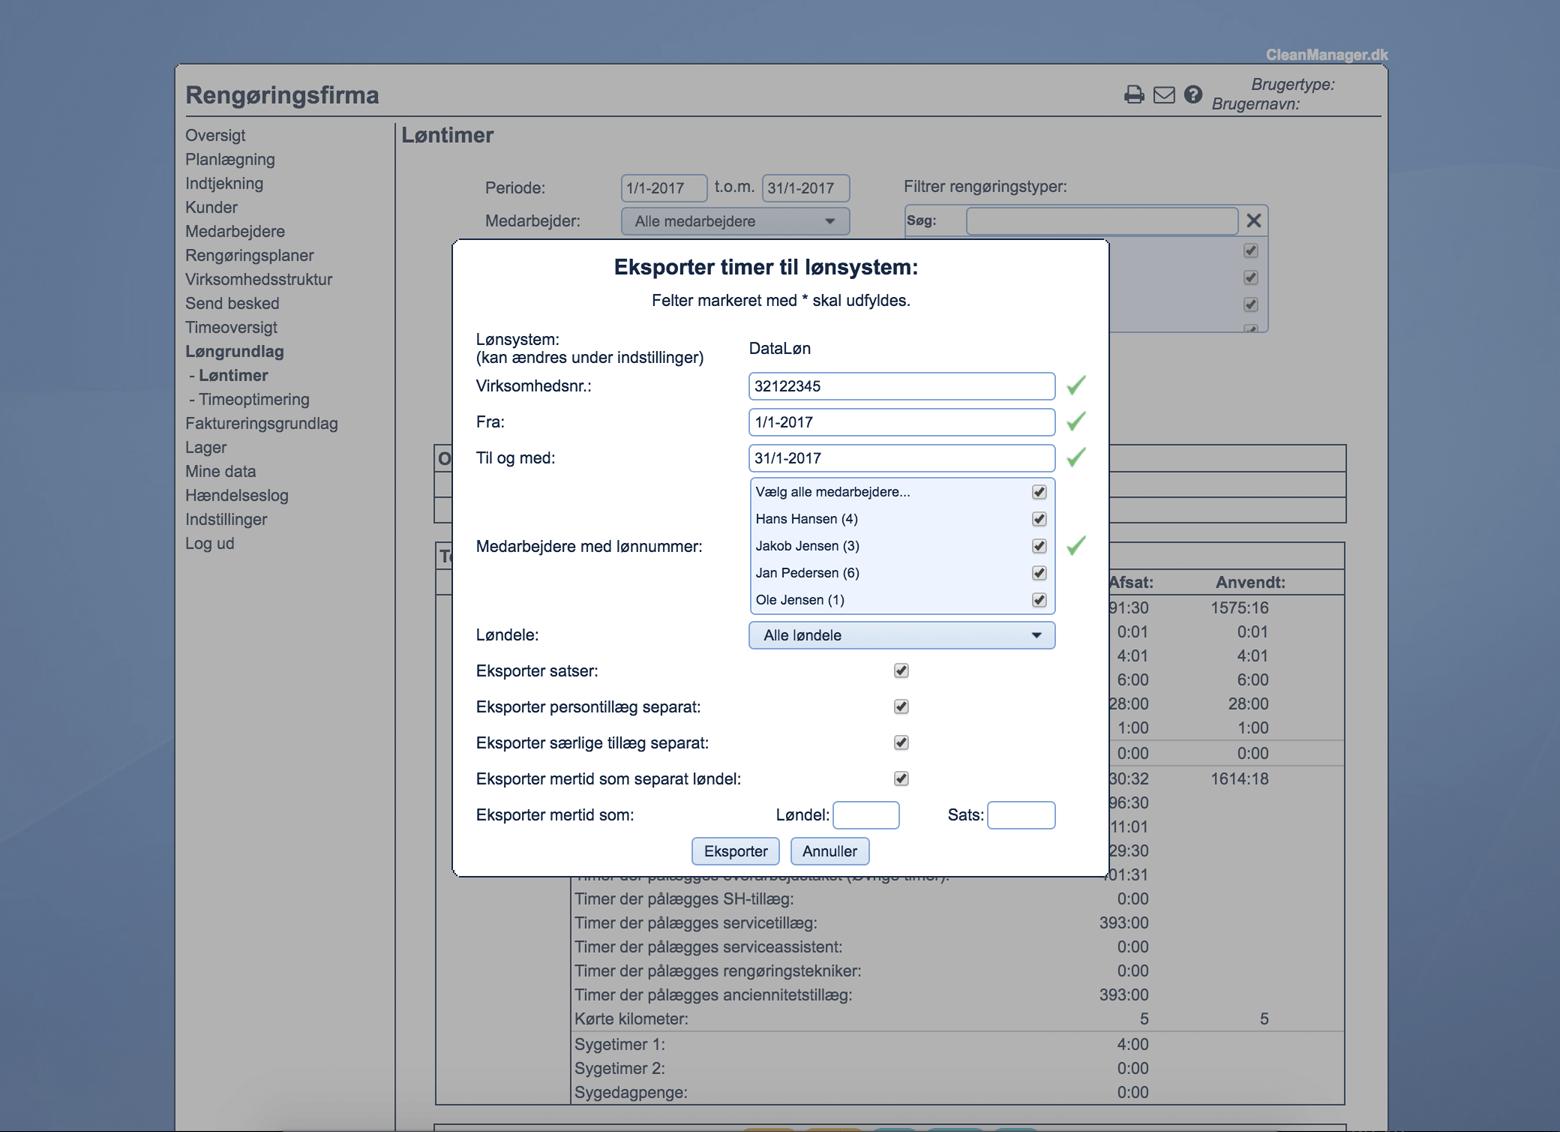 Skærmbillede af løneksport i CleanManager